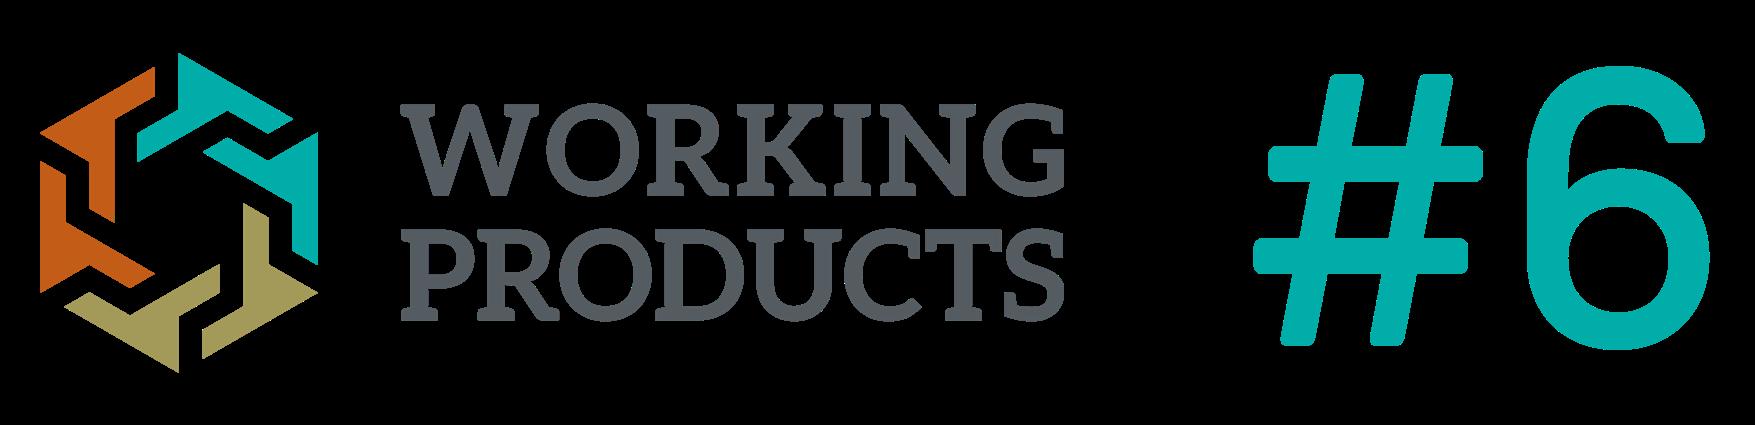 Working Products 2021 - Die Konferenz rund um agile Produktentwicklung